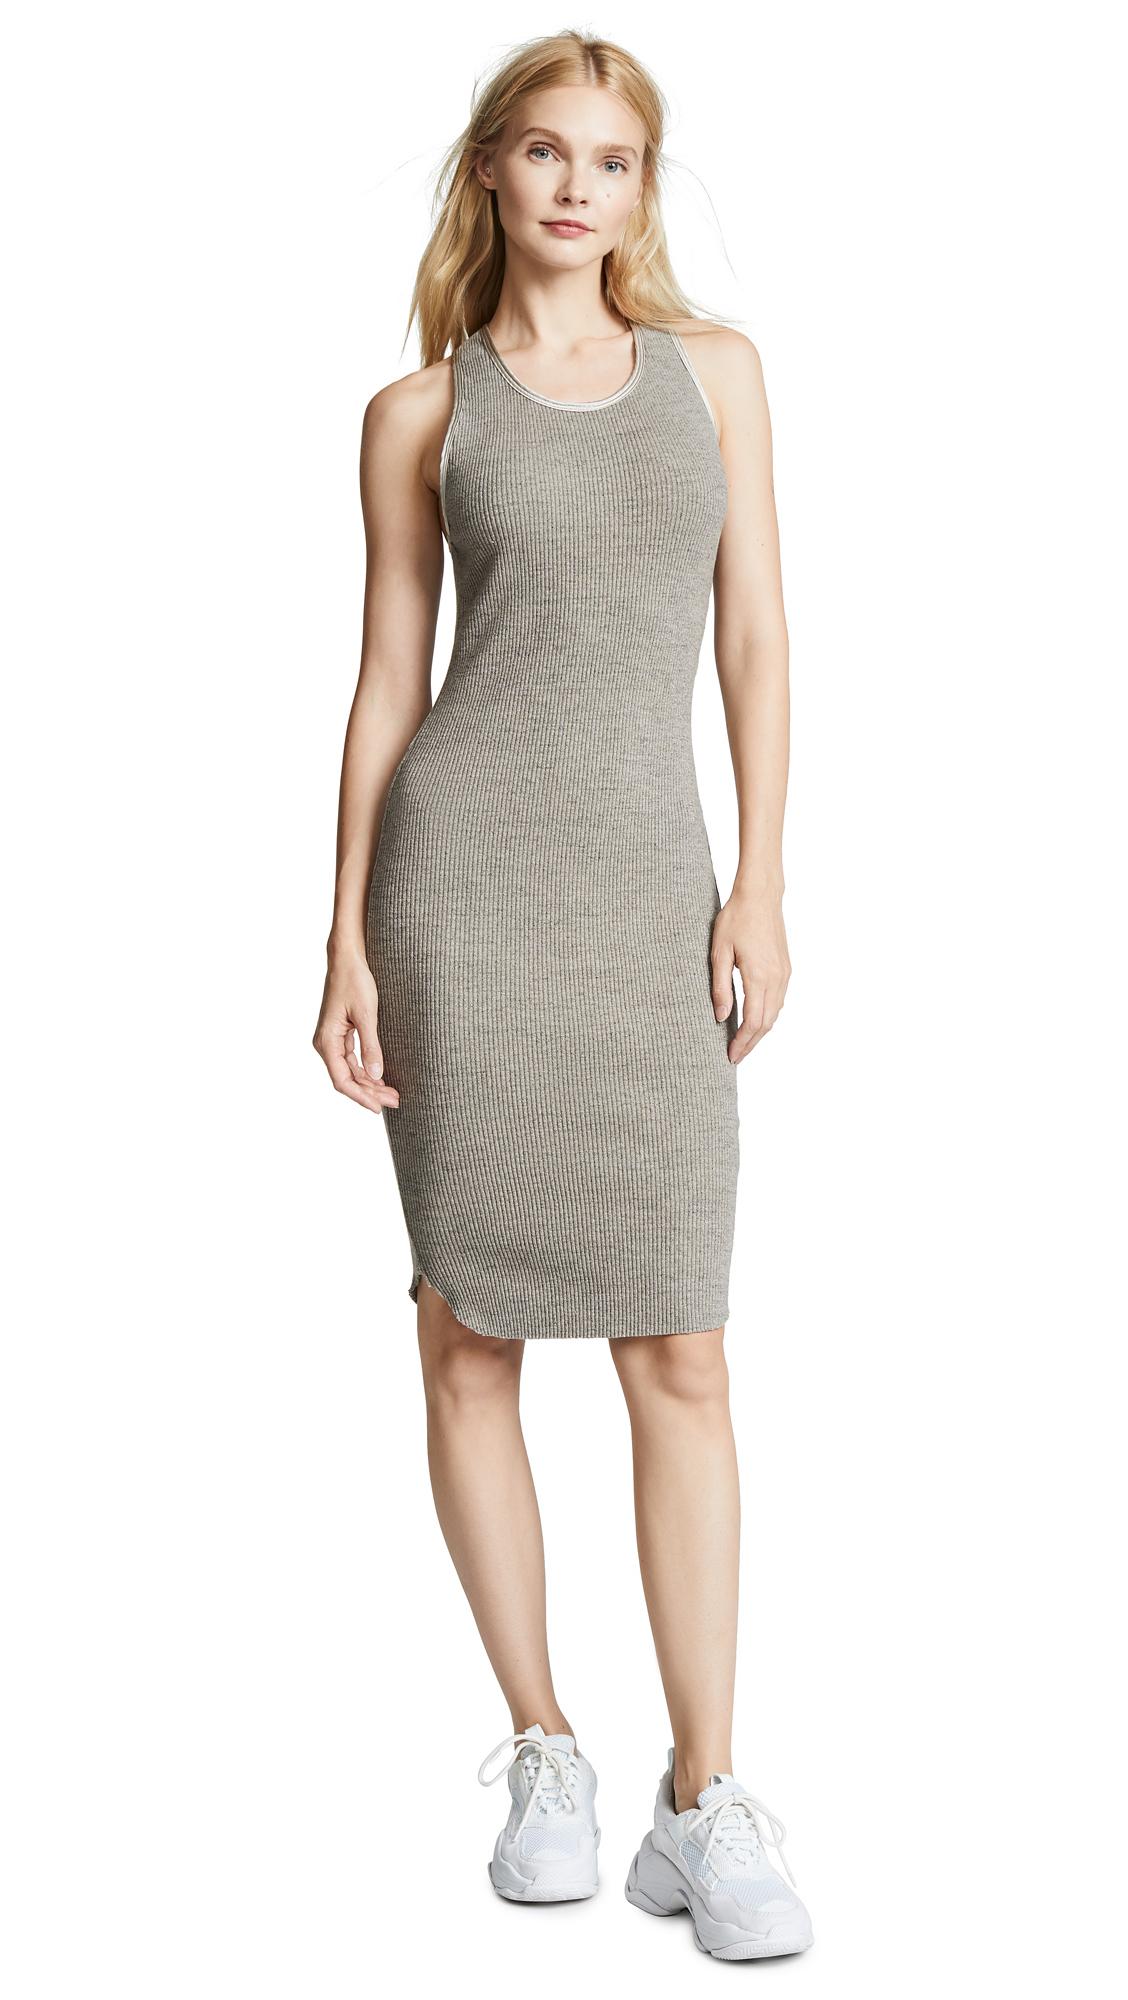 James Perse Rib Tank Dress